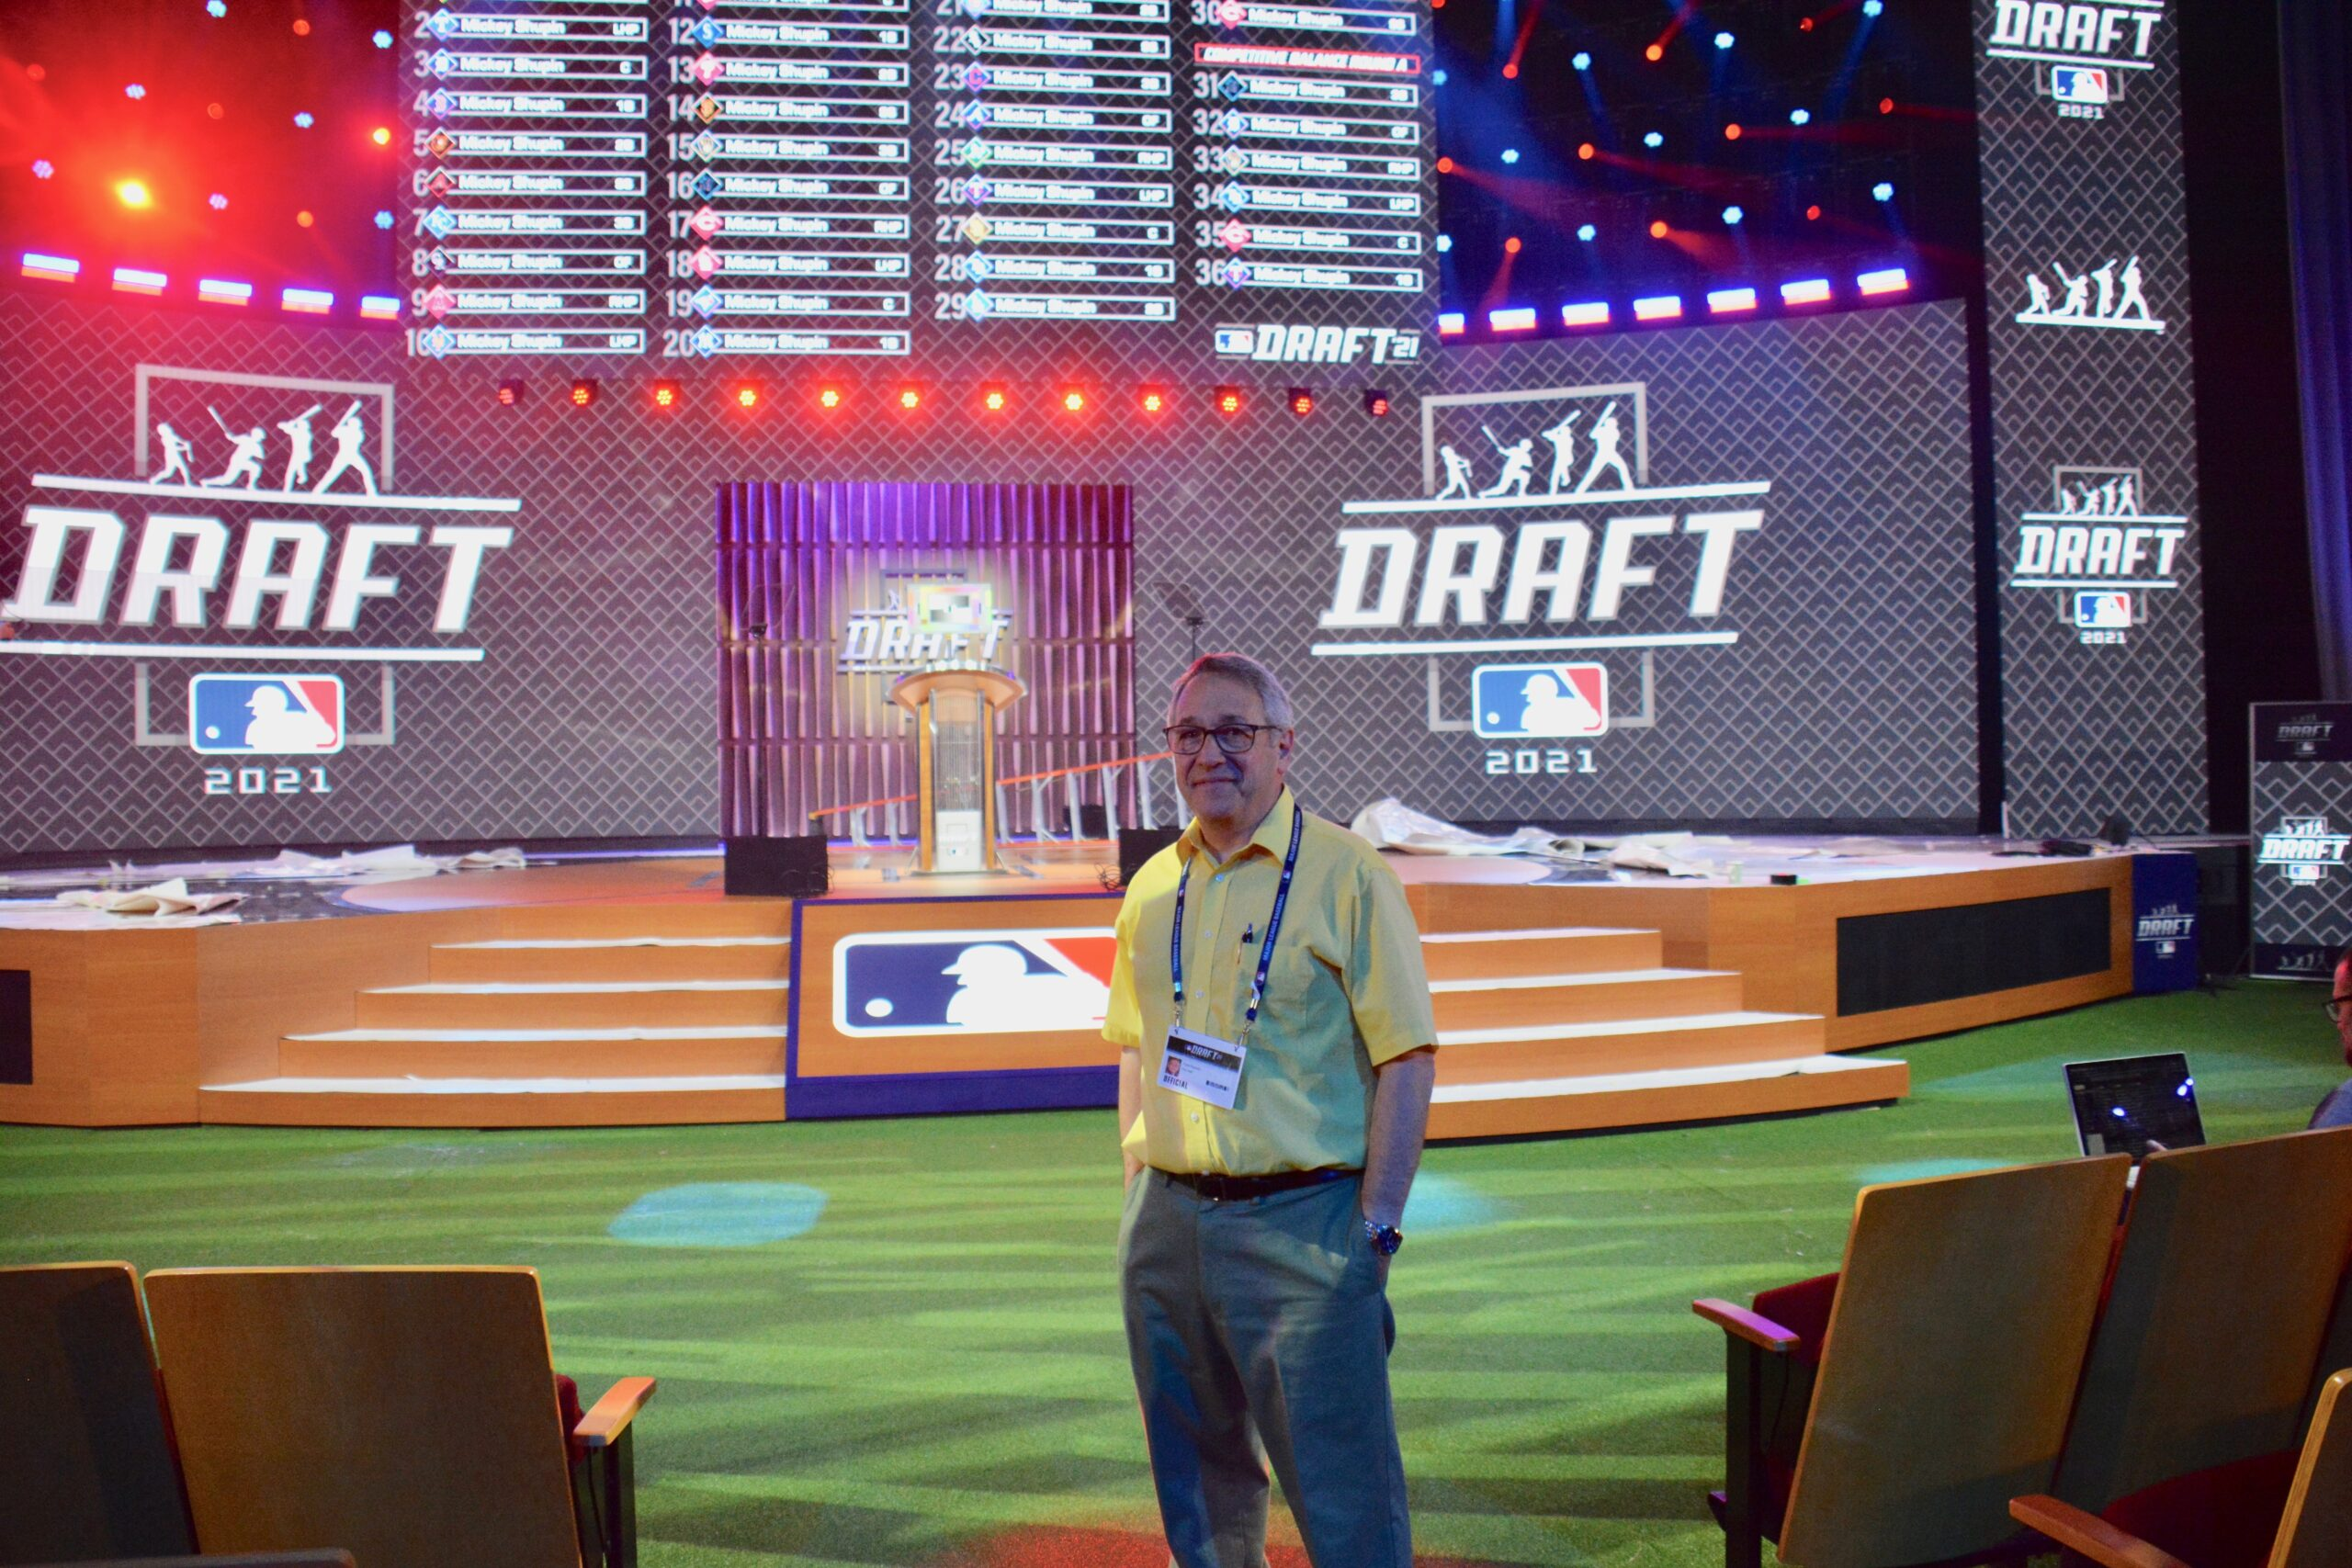 Frank Supovitz MLB